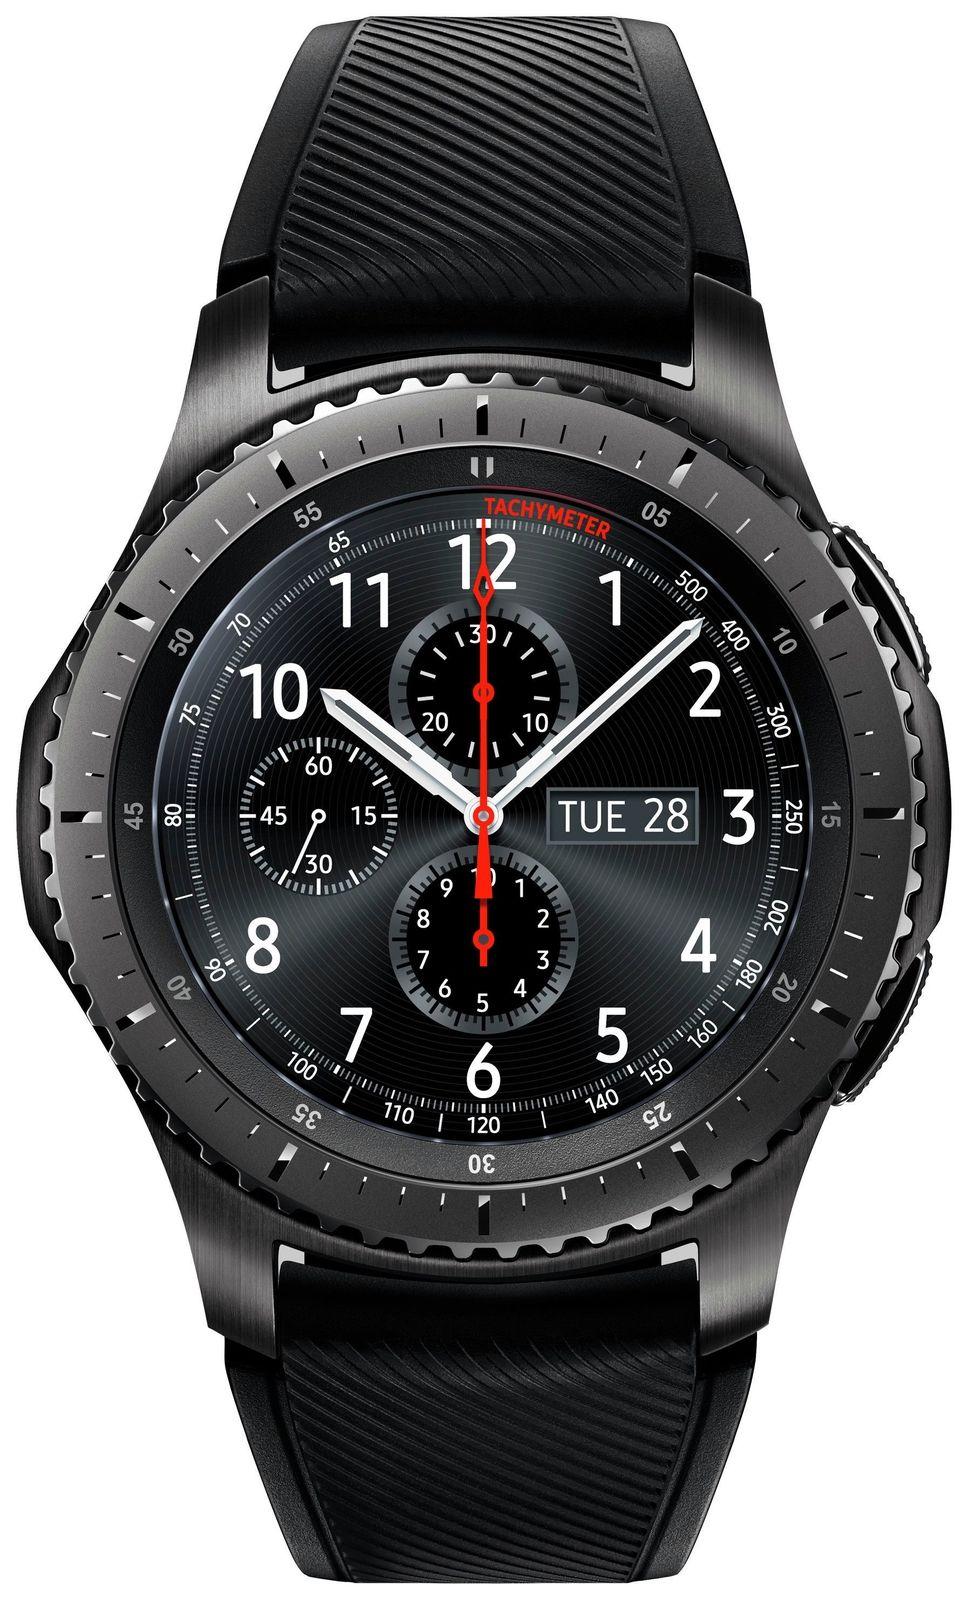 Samsung Gear S3 Frontier Smart Watch (refurb) - £85.99 @ Argos eBay